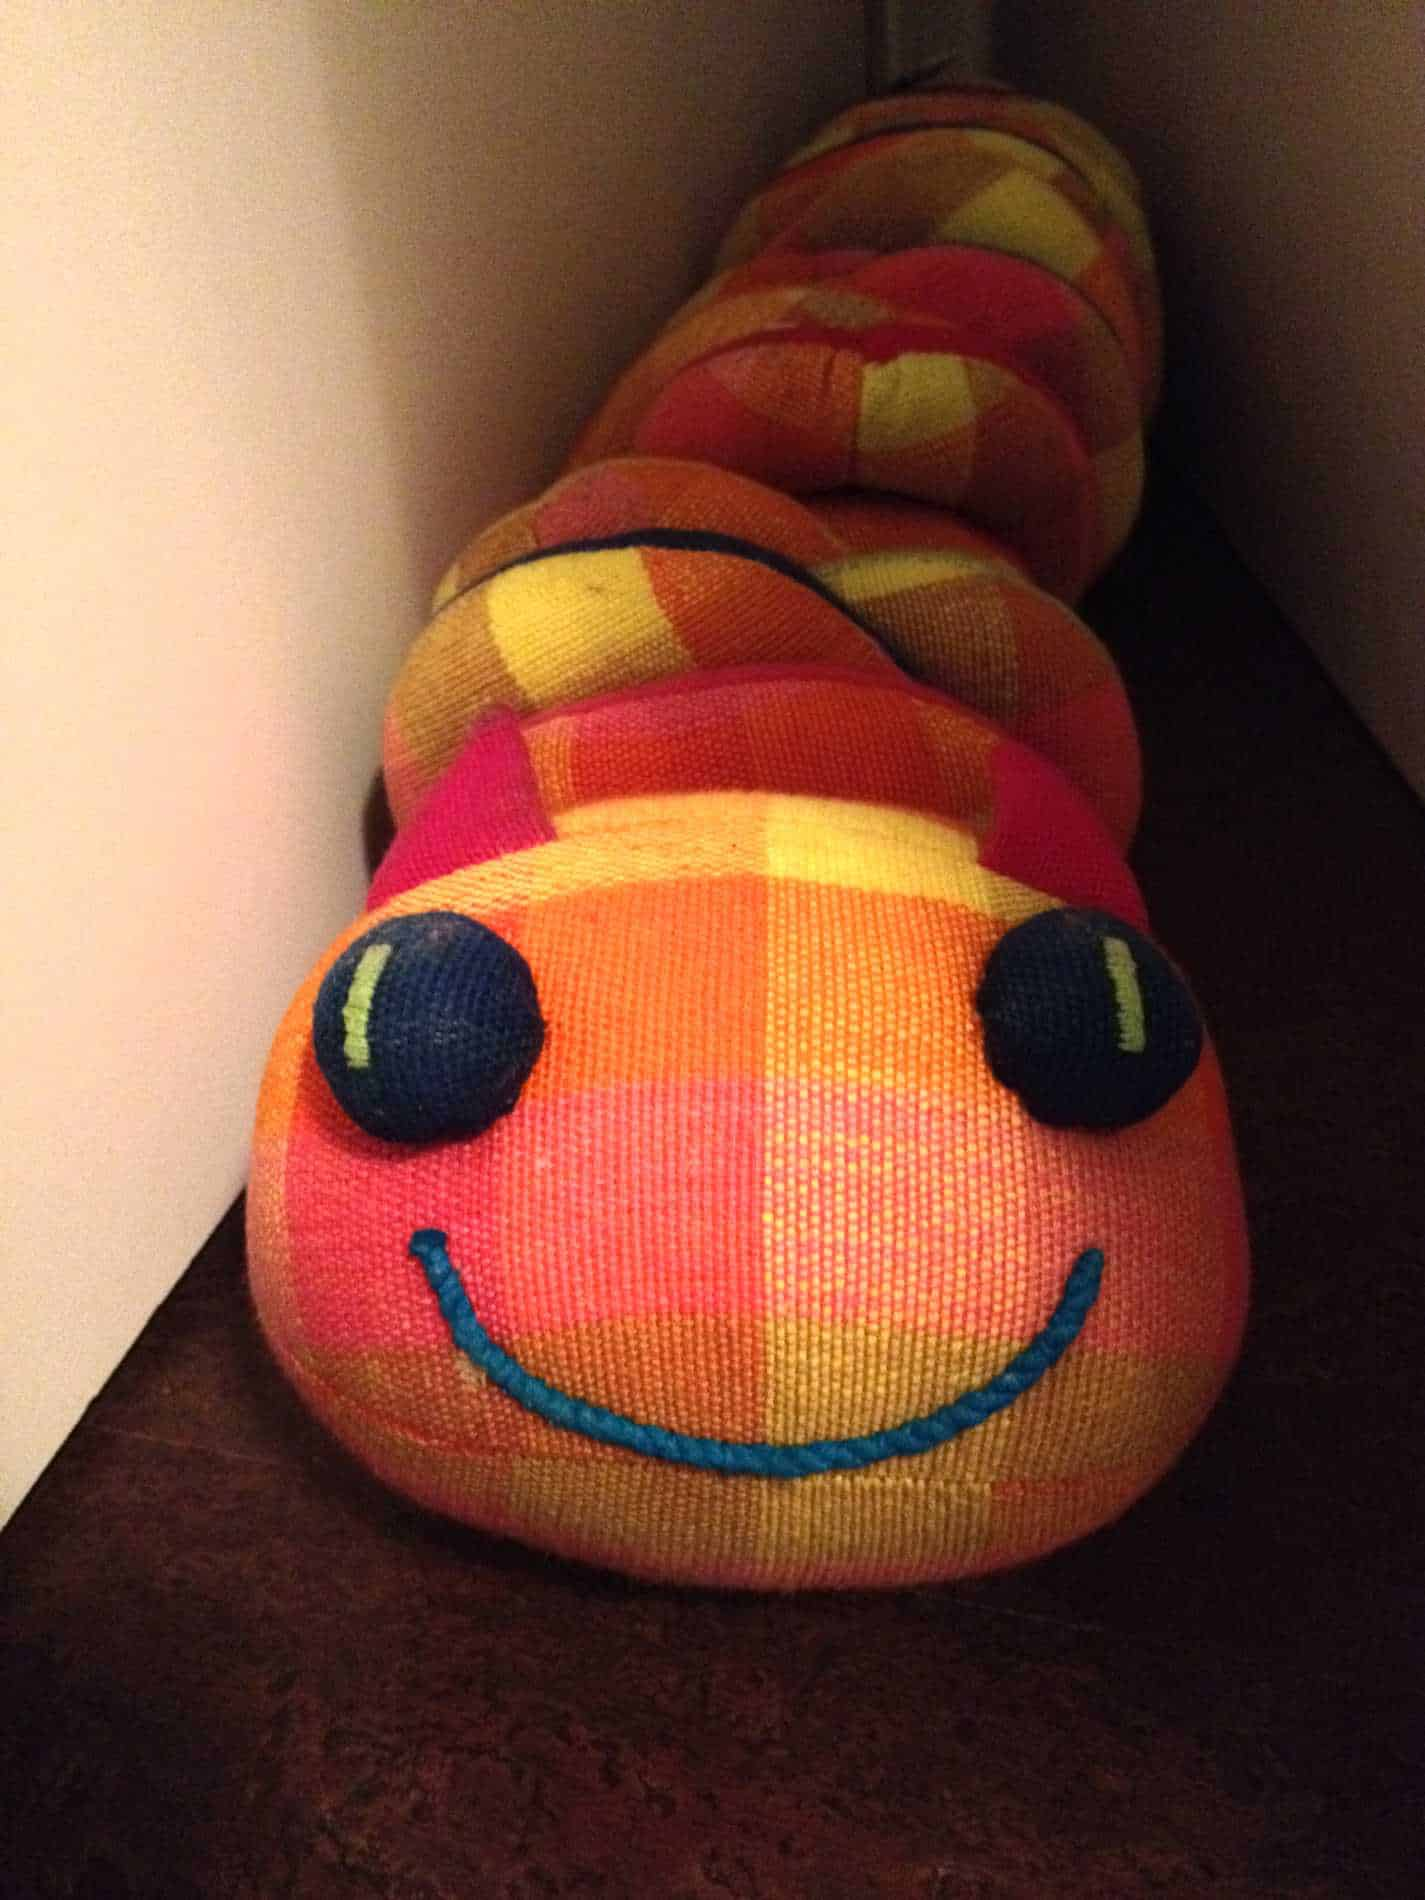 Farbiges Spielzeug im Kinderzimmer